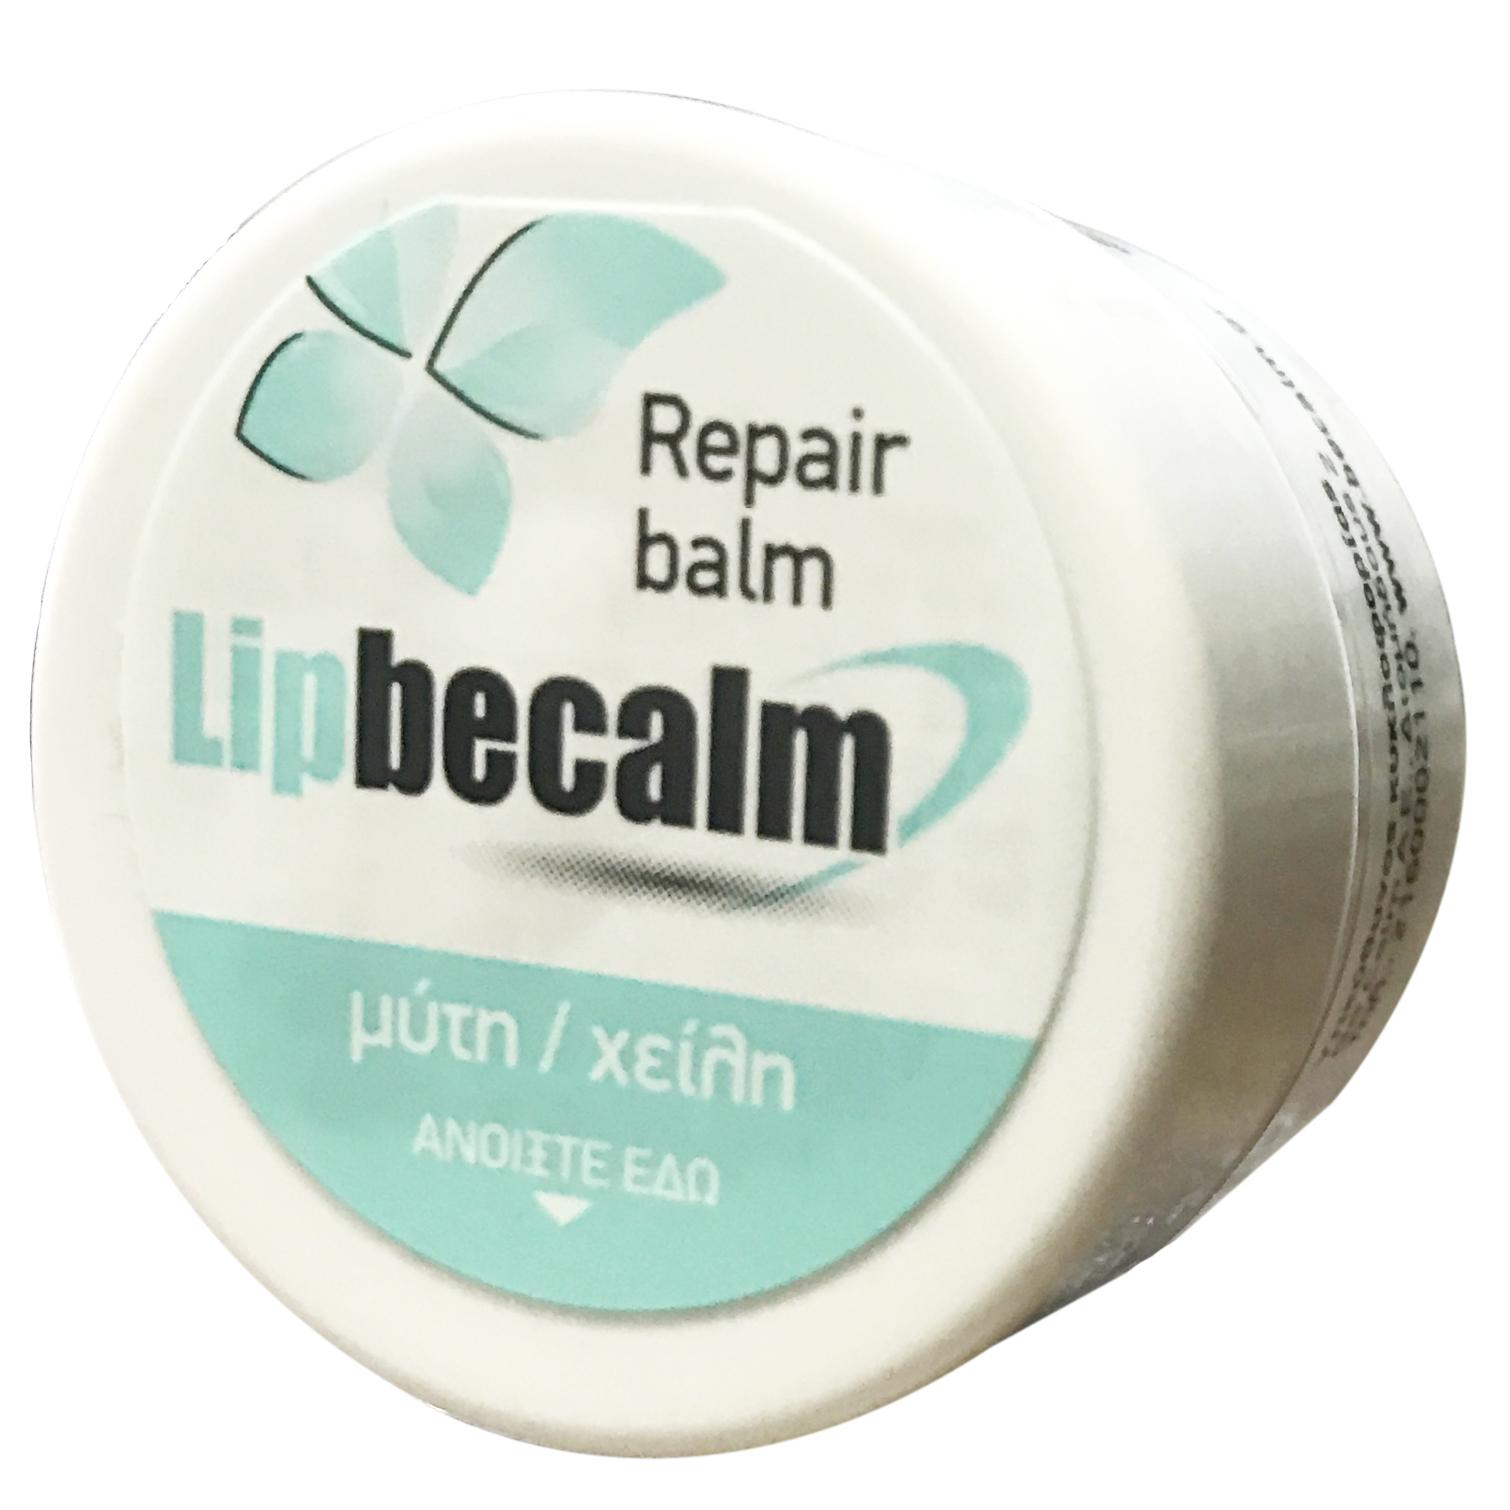 Becalm Lipbecalm για Μύτη/Χείλη 10ml